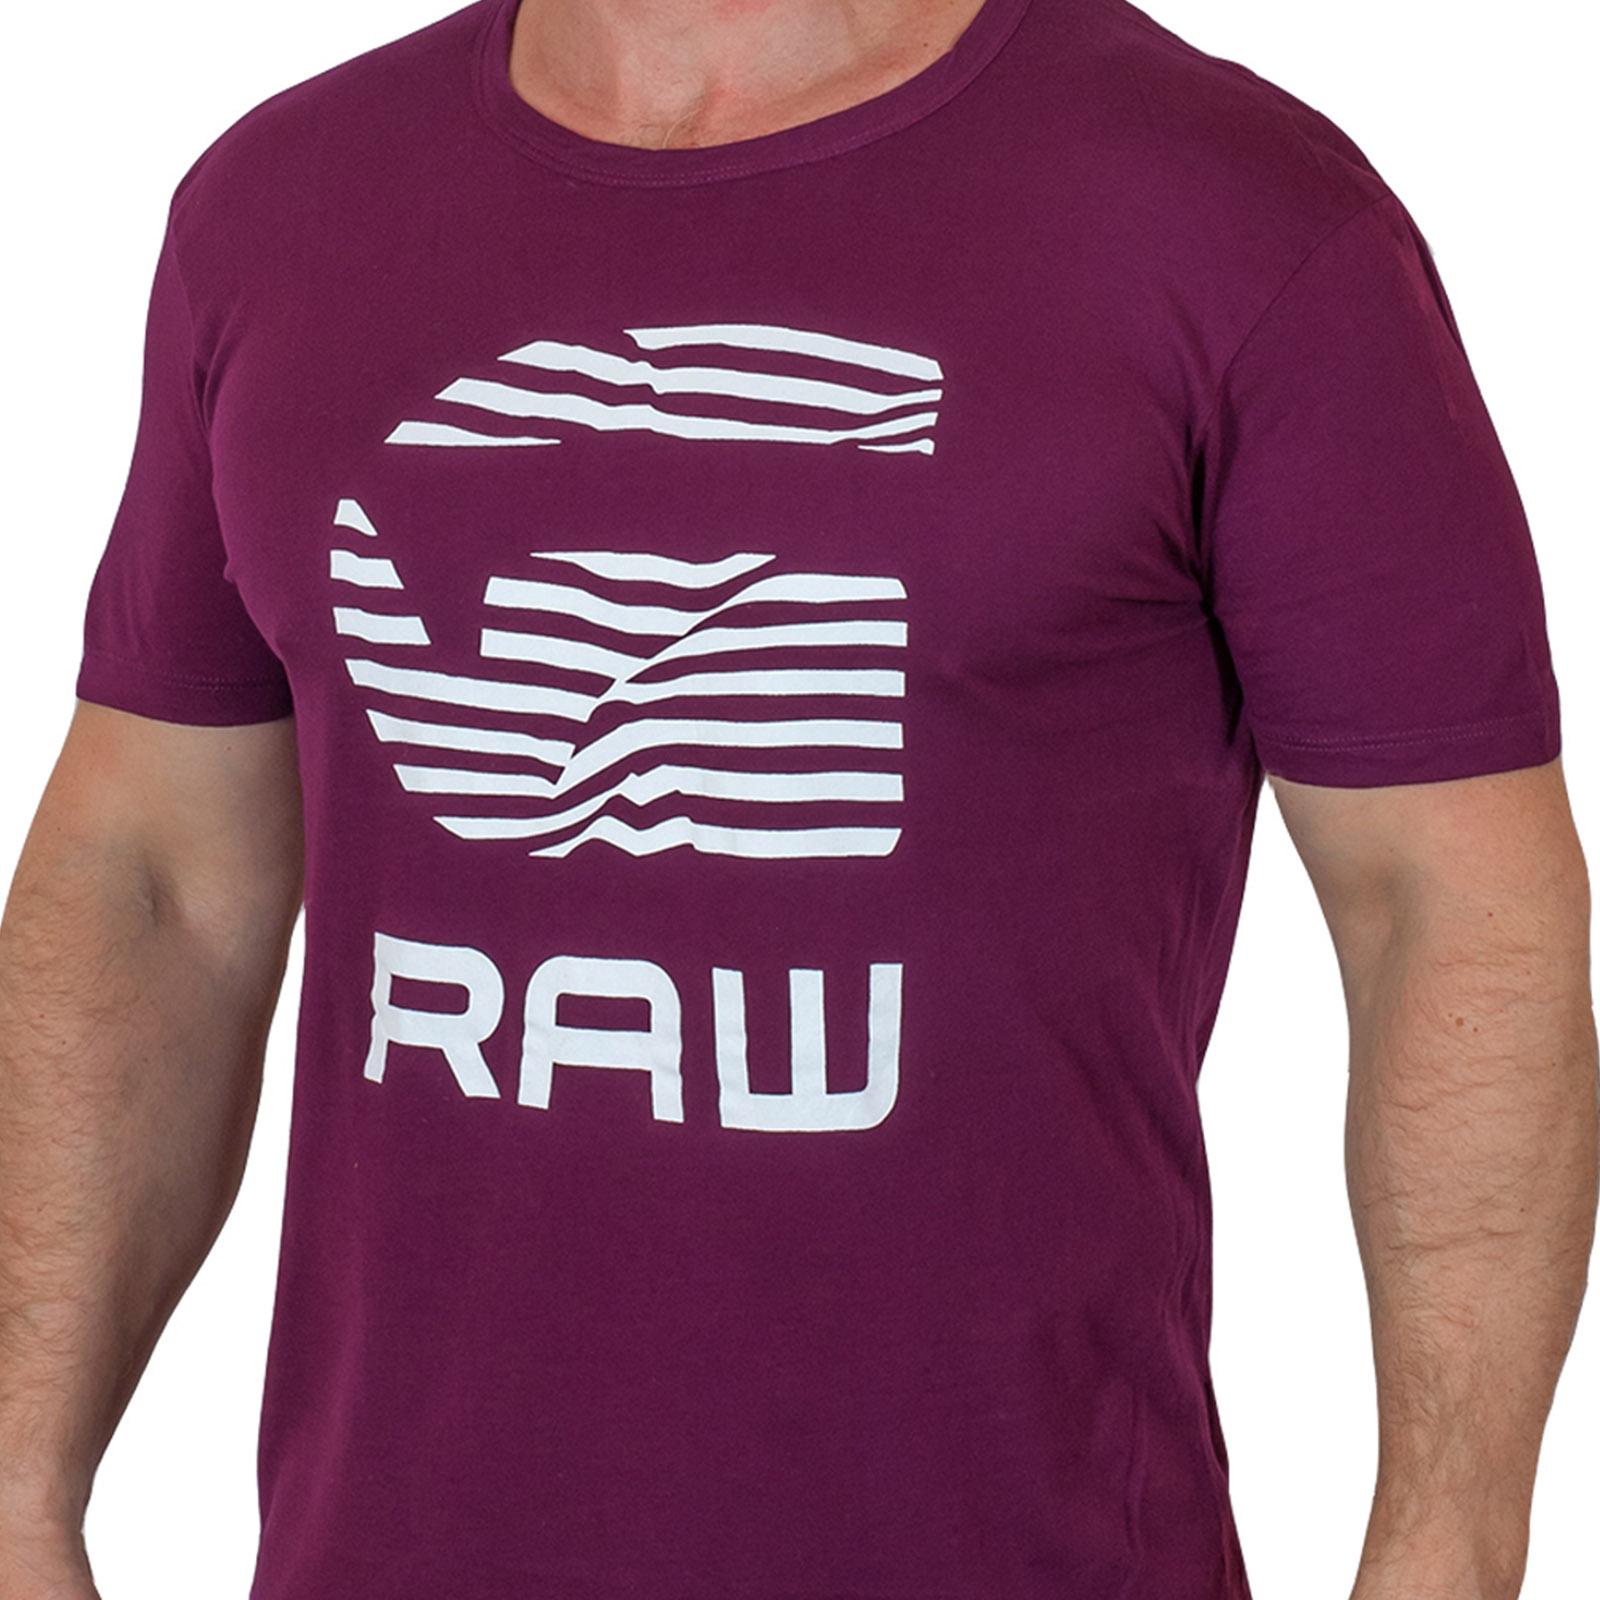 Футболка для мужчин с хорошим вкусом G-Star Raw® Radcort